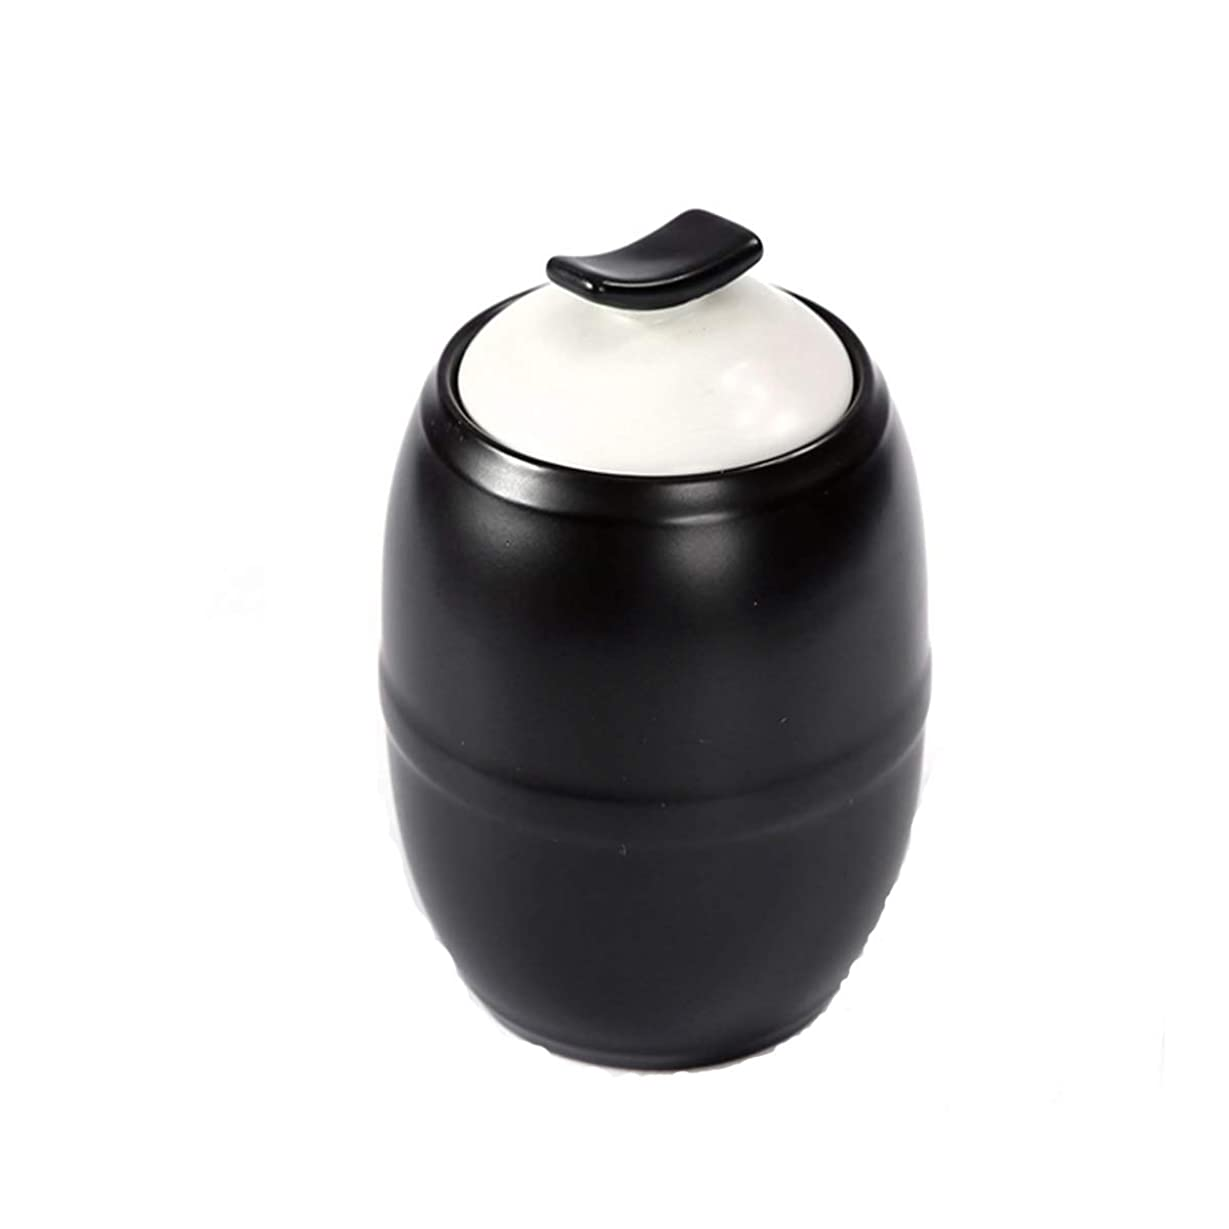 偶然のセント効能SHENGSHIHUIZHONG GuyuexuanPet棺桶、骨壷、動物の棺桶、兼用、猫と犬の死のお土産、手作りのセラミック封印された缶 (Color : Black)